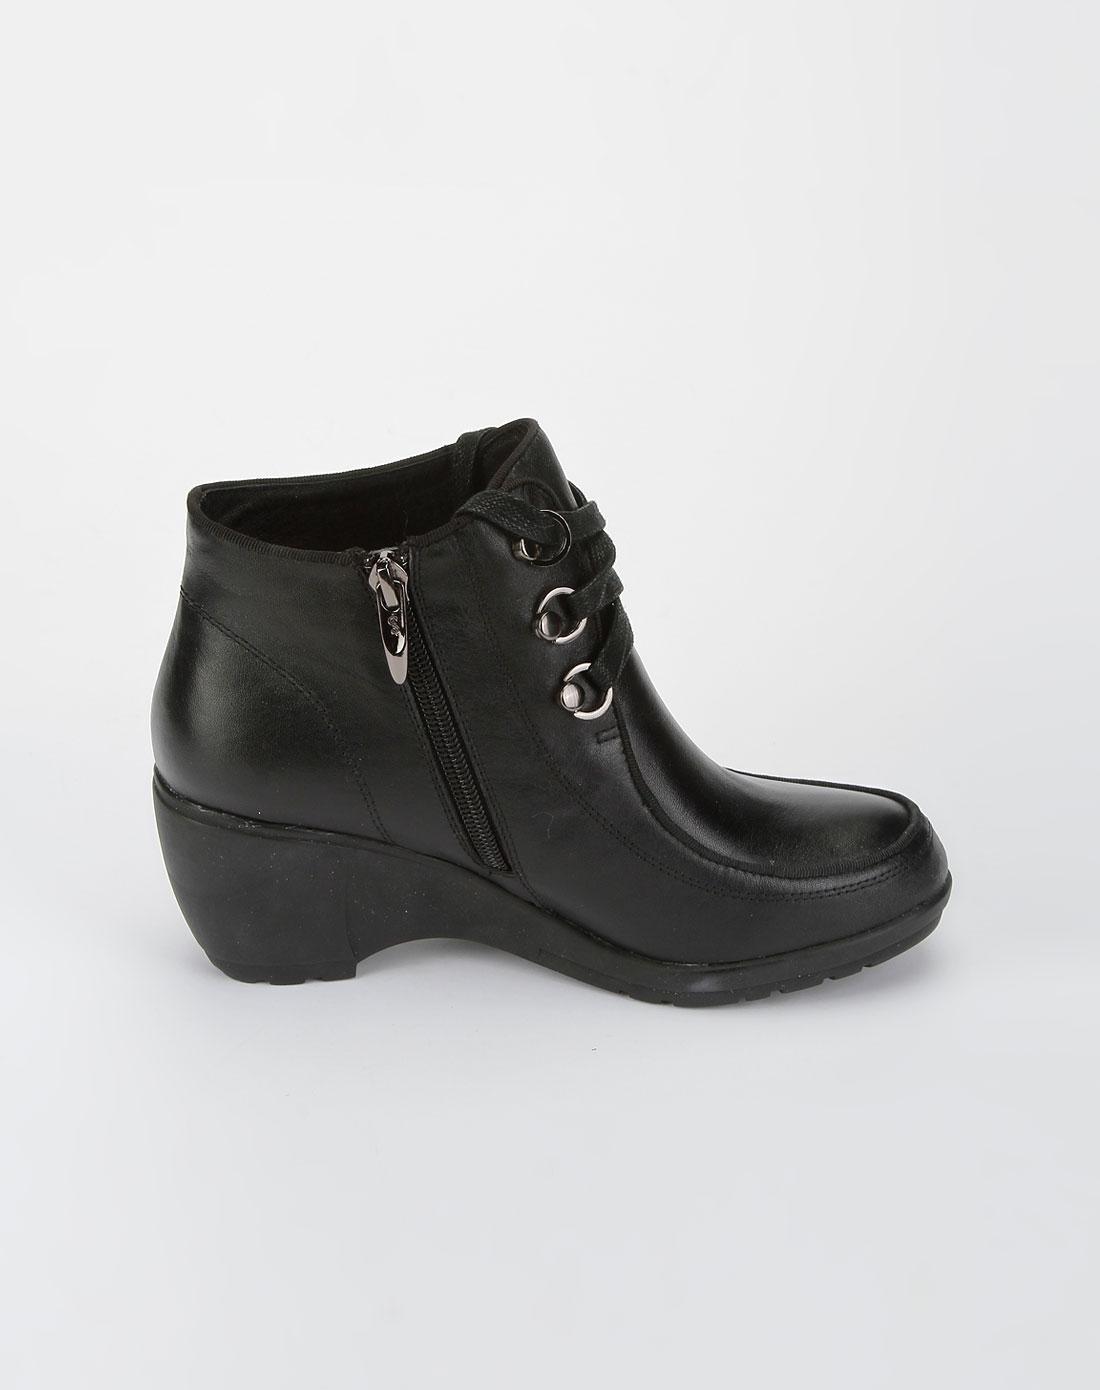 哈森harson女款黑色摔纹系带皮鞋图片